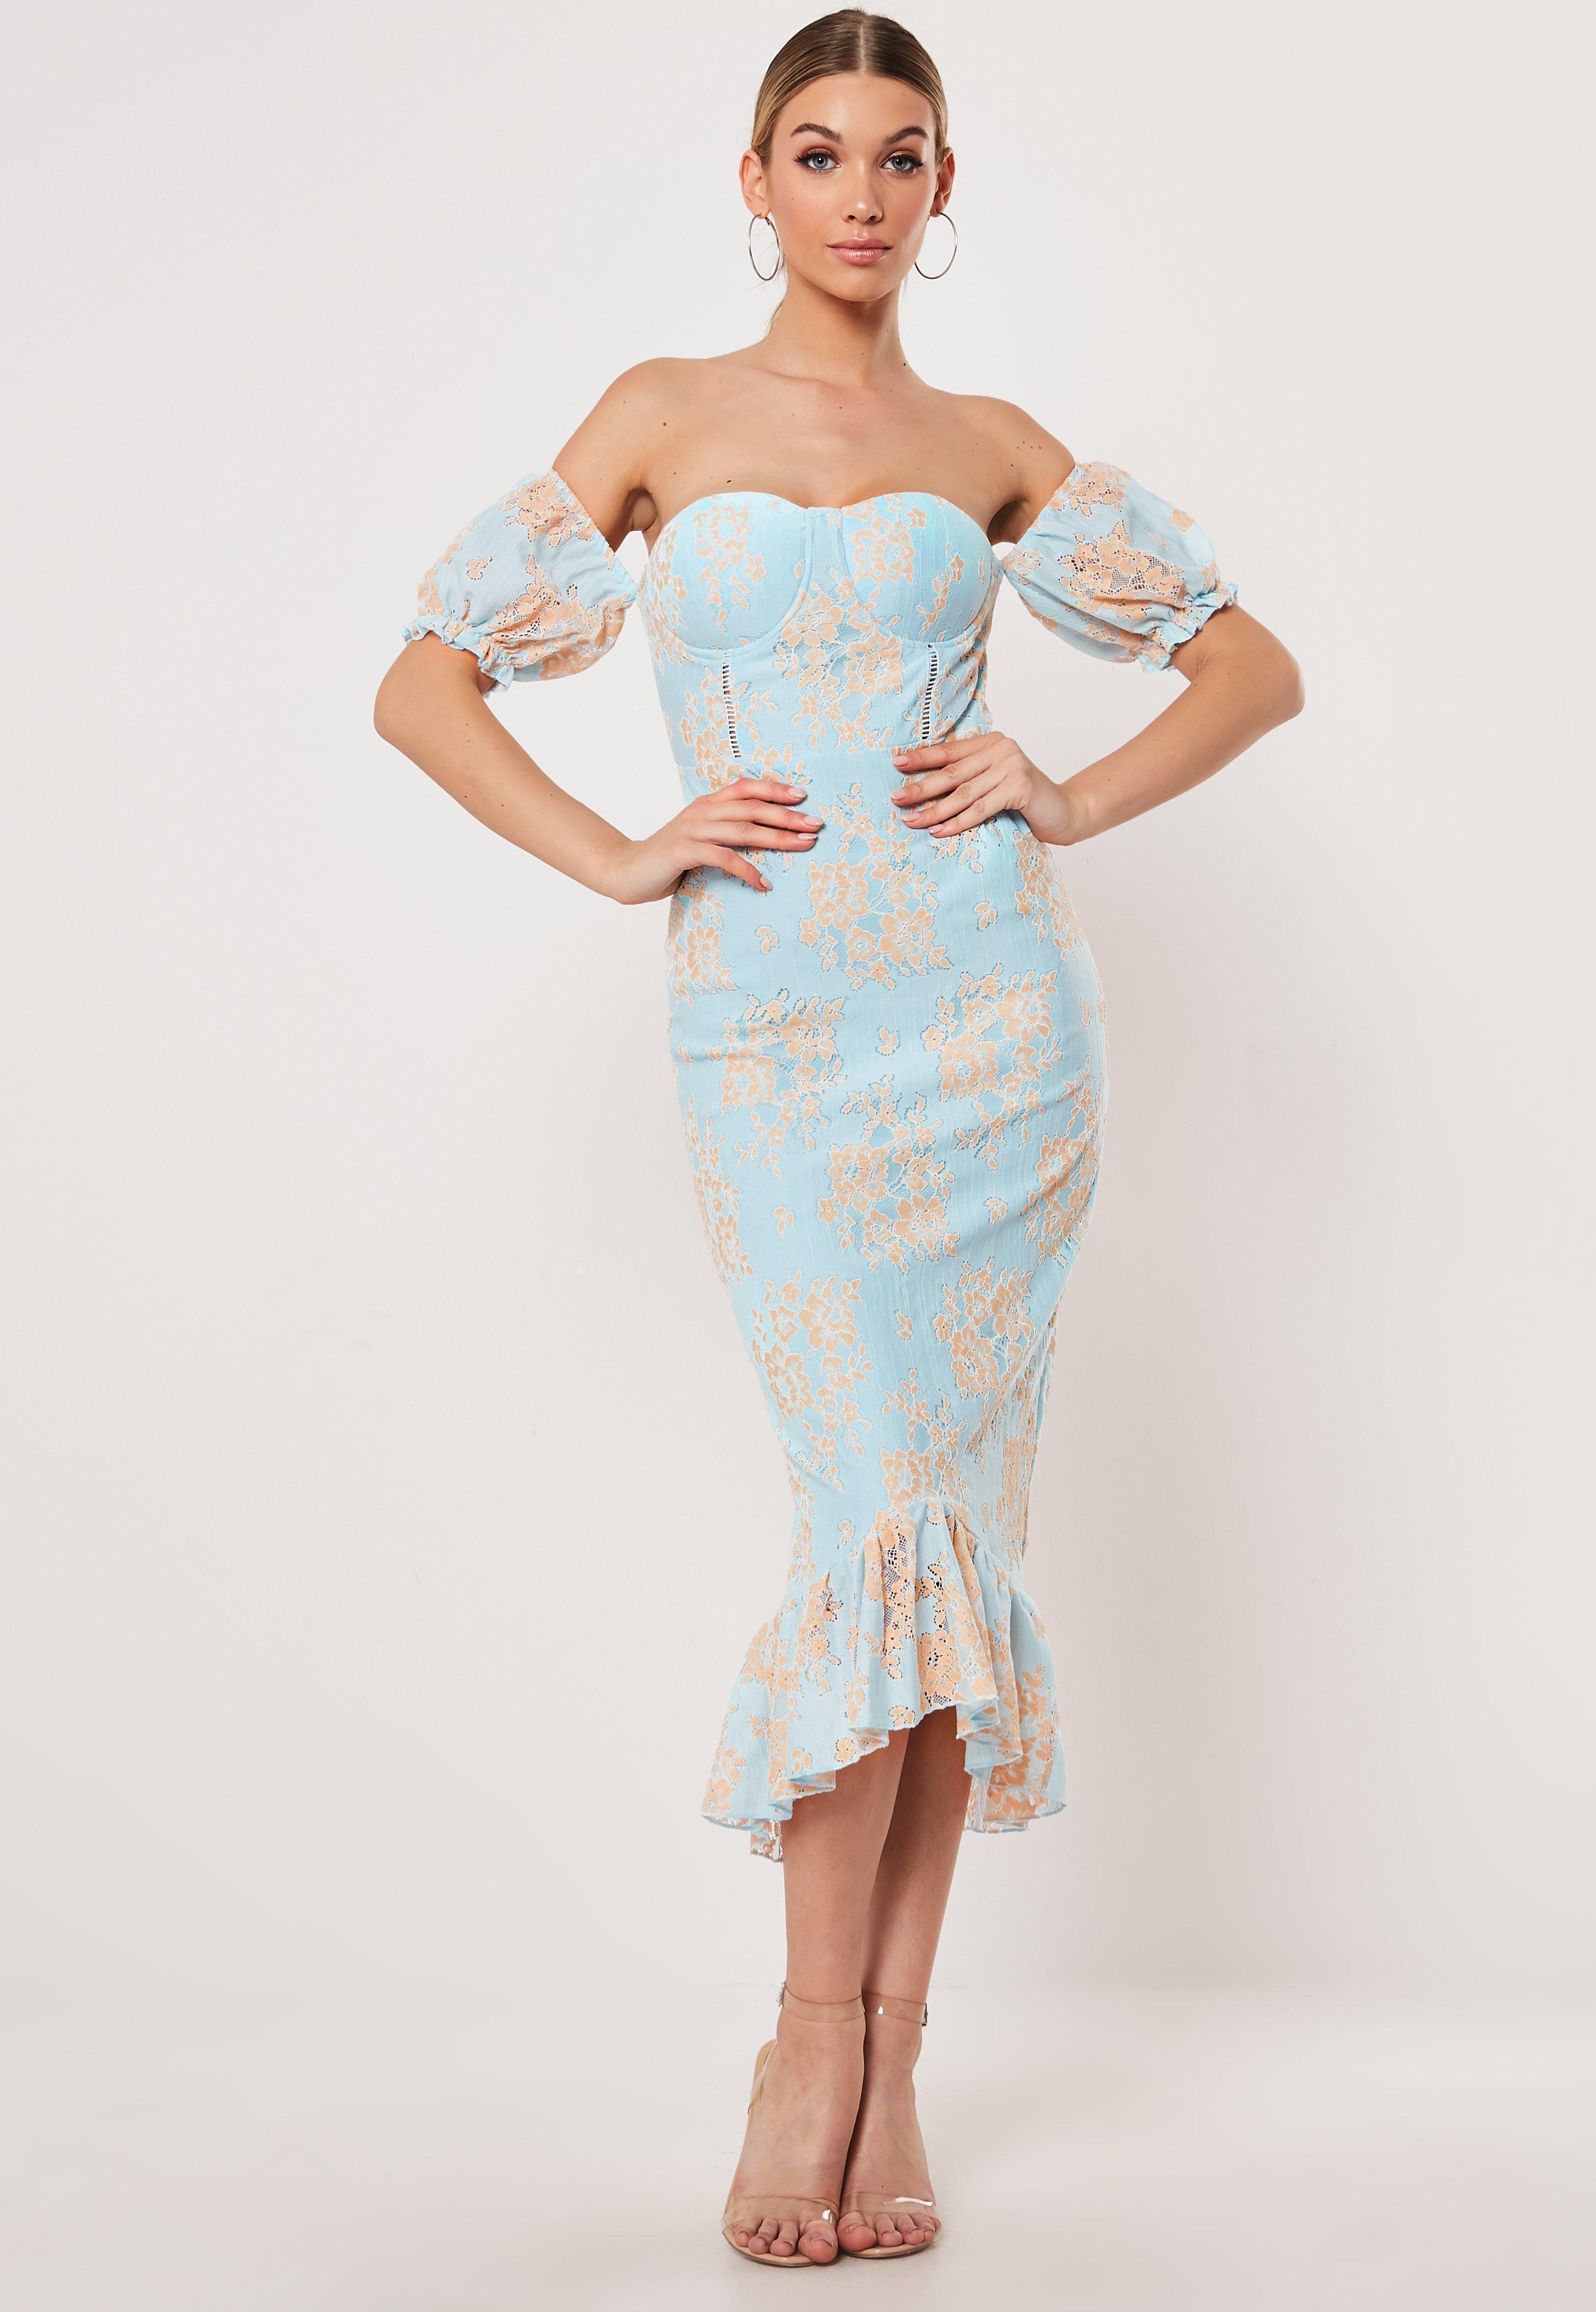 b1382c70c5 Sukienki koronkowe - Białe